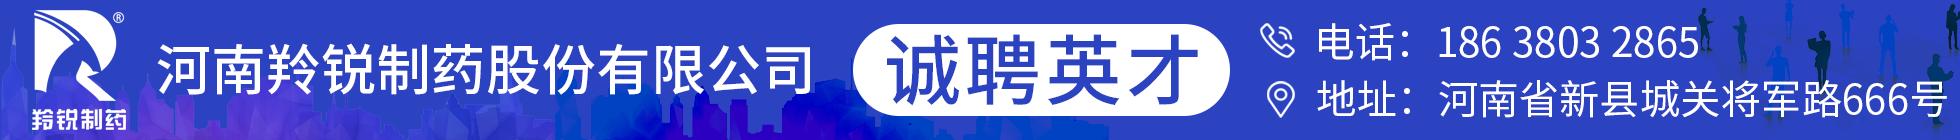 河南羚锐制药股份有限公司